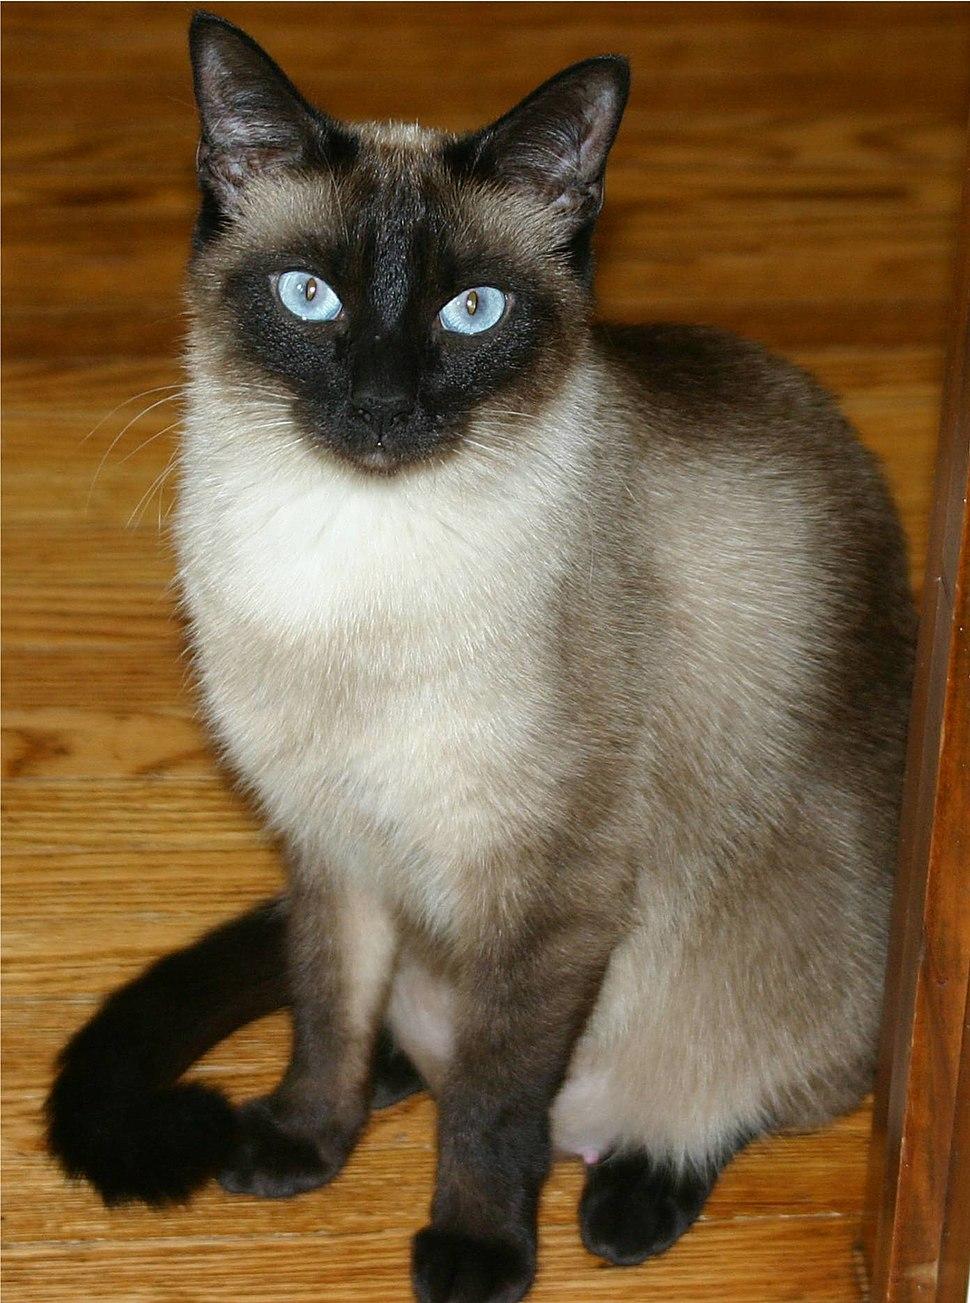 Niobe050905-Siamese Cat.jpeg